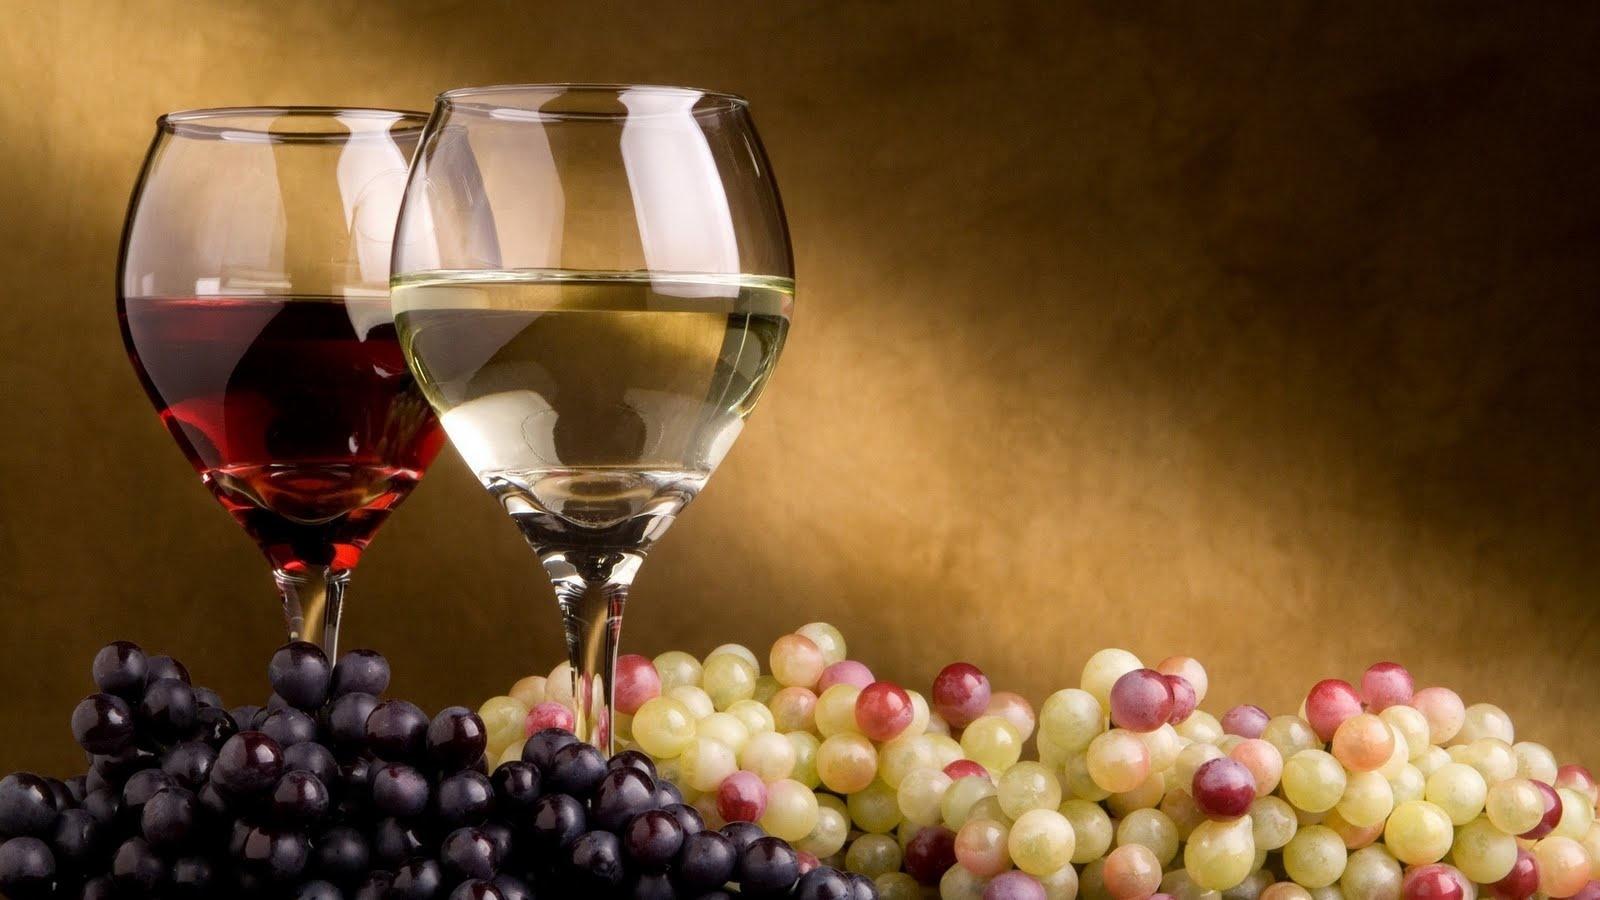 L'année 2015 : ce fut une très bonne année pour le vin